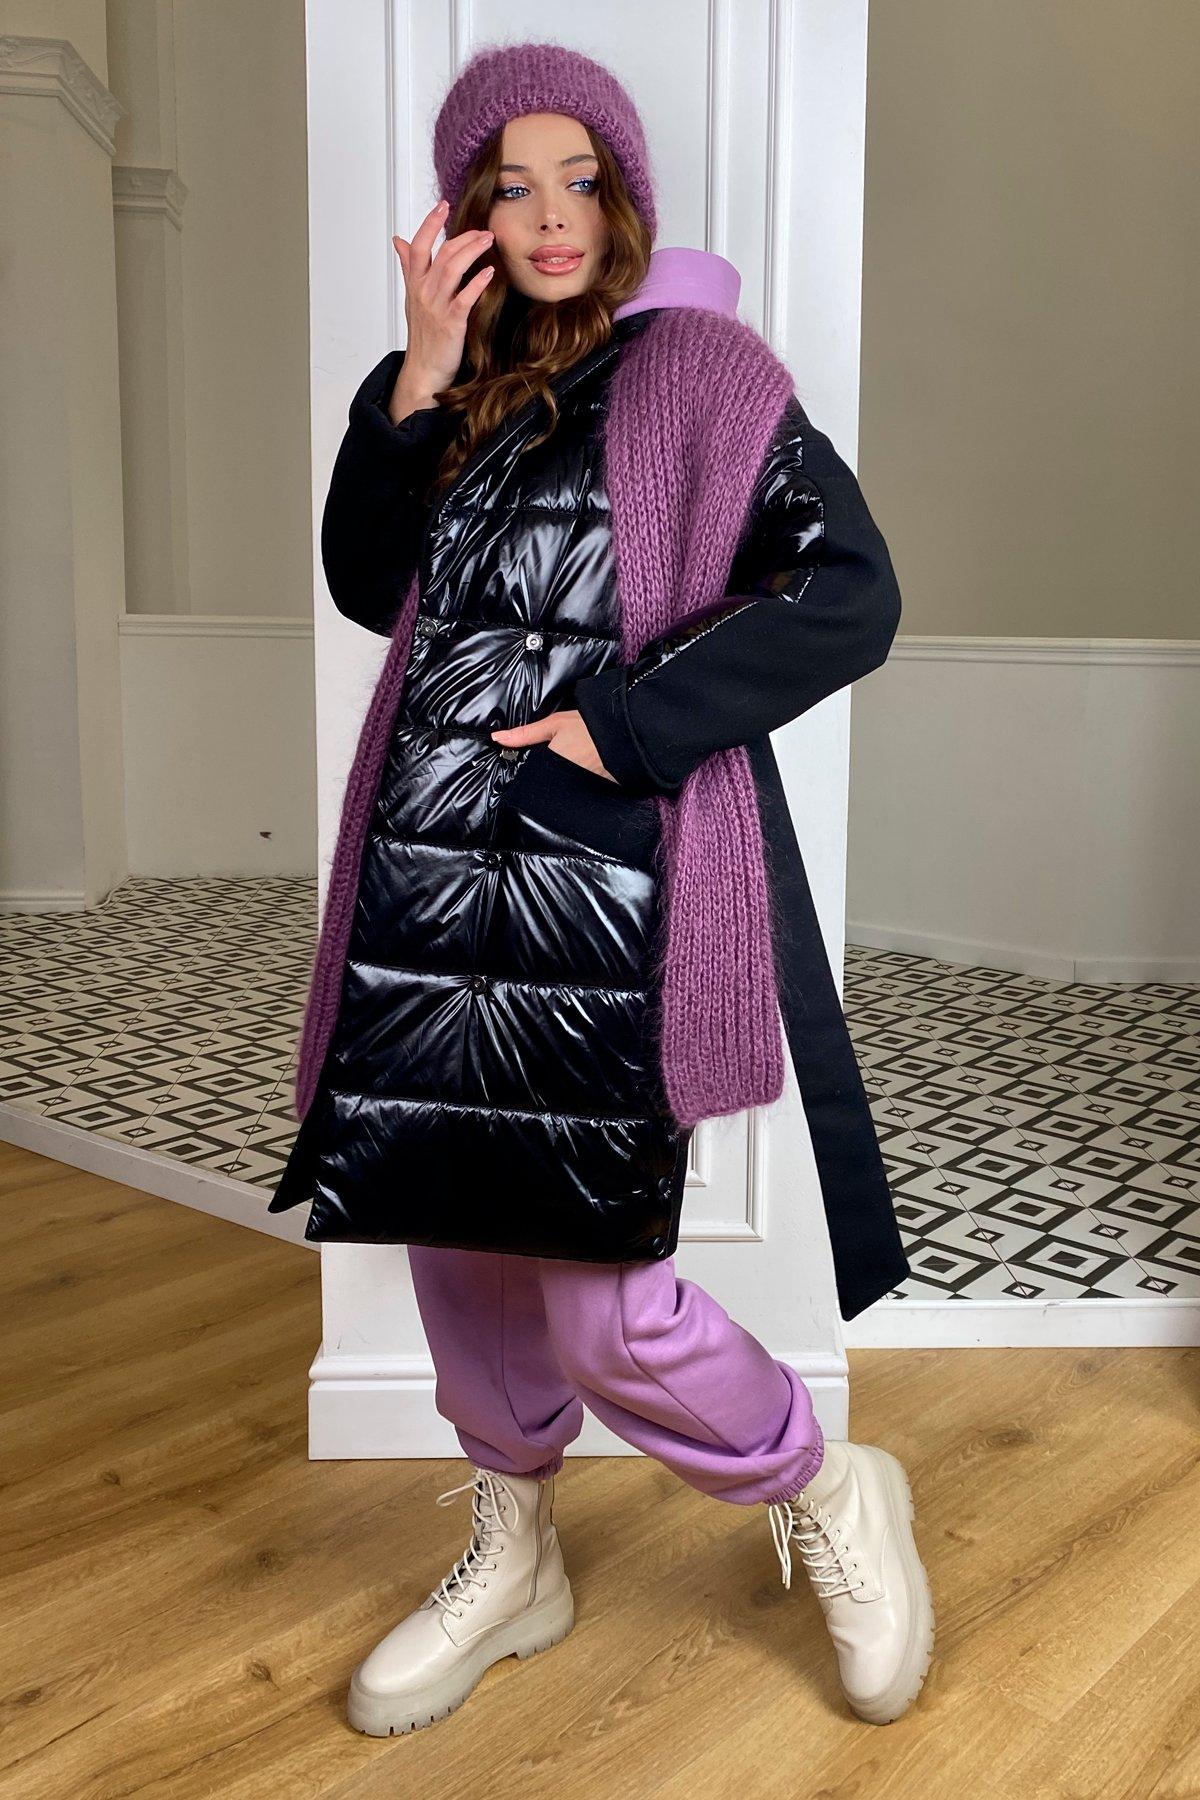 Санре зимнее пальто из кашемира и плащевки 10301 АРТ. 46597 Цвет: черный/черный - фото 2, интернет магазин tm-modus.ru